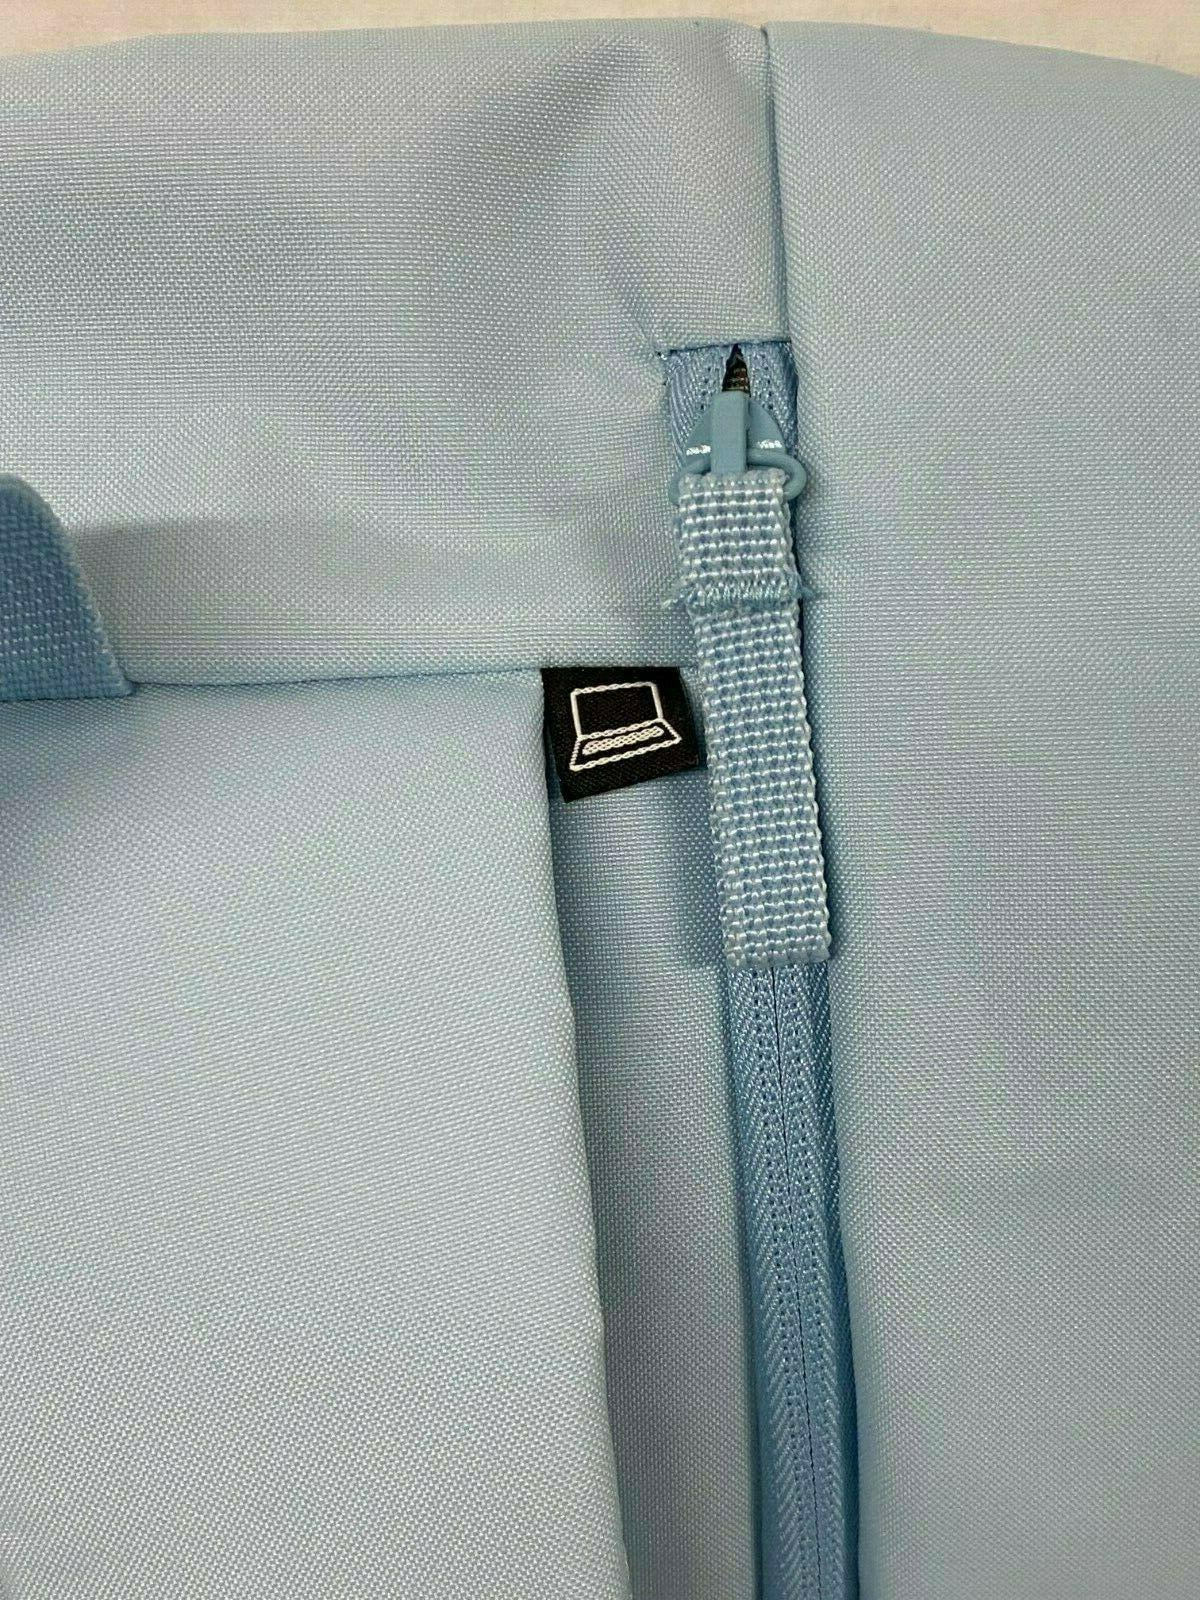 IKEA Laptop Blue